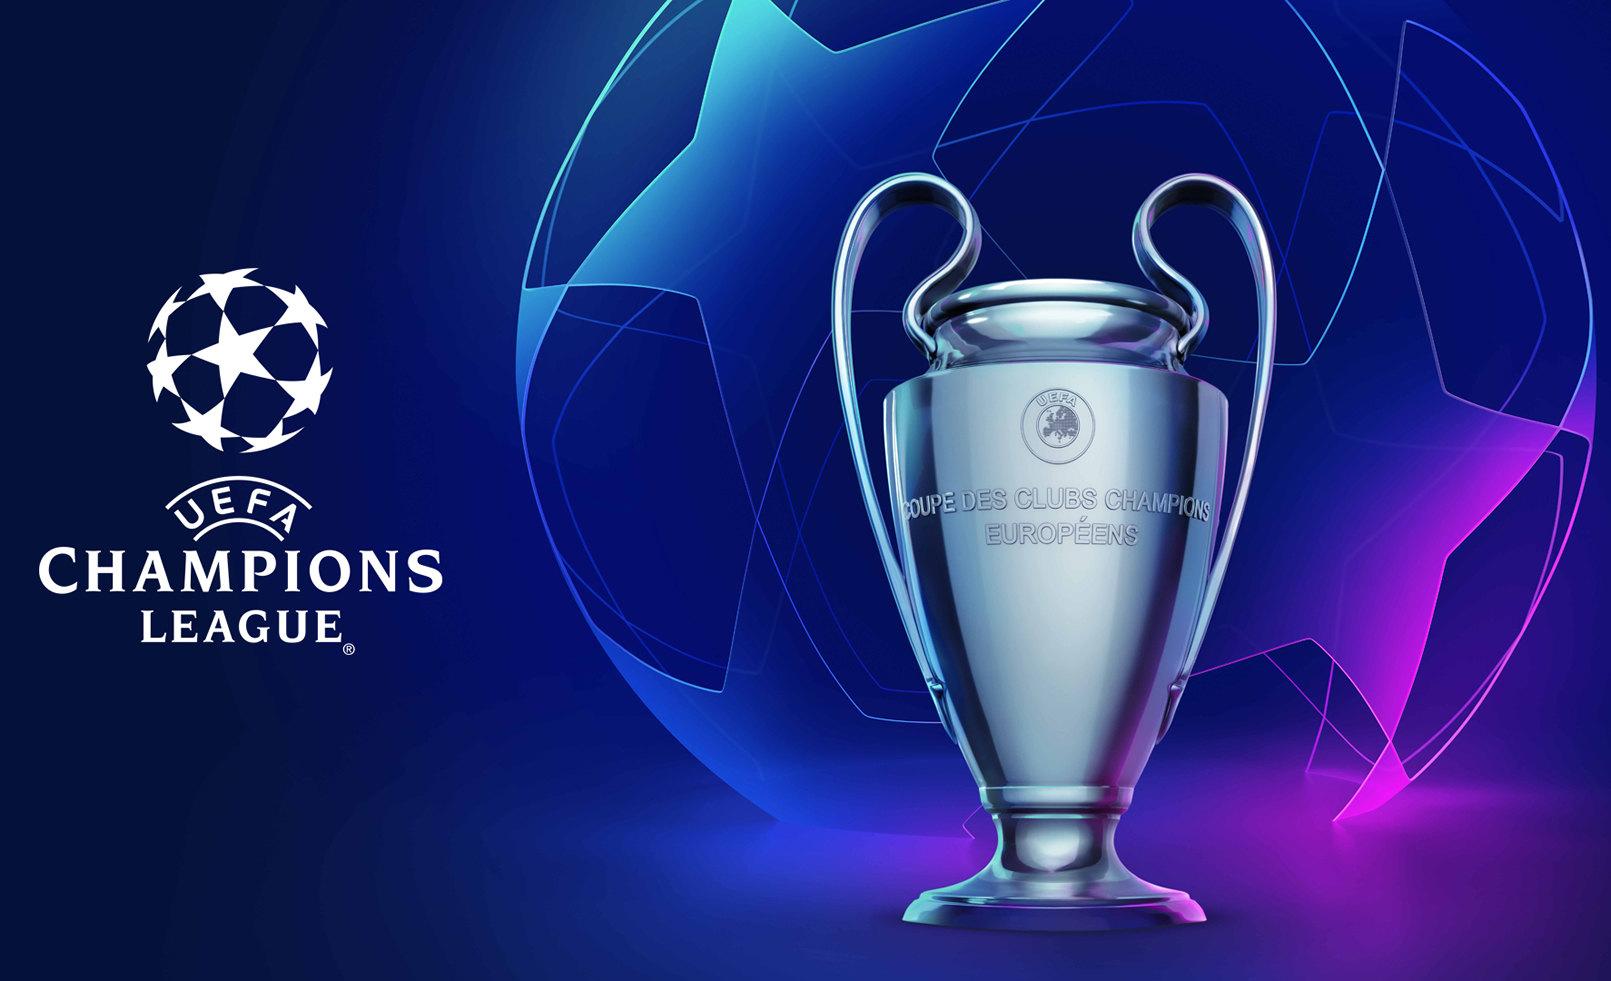 uefa-champions-league-nueva-imagen-2018-